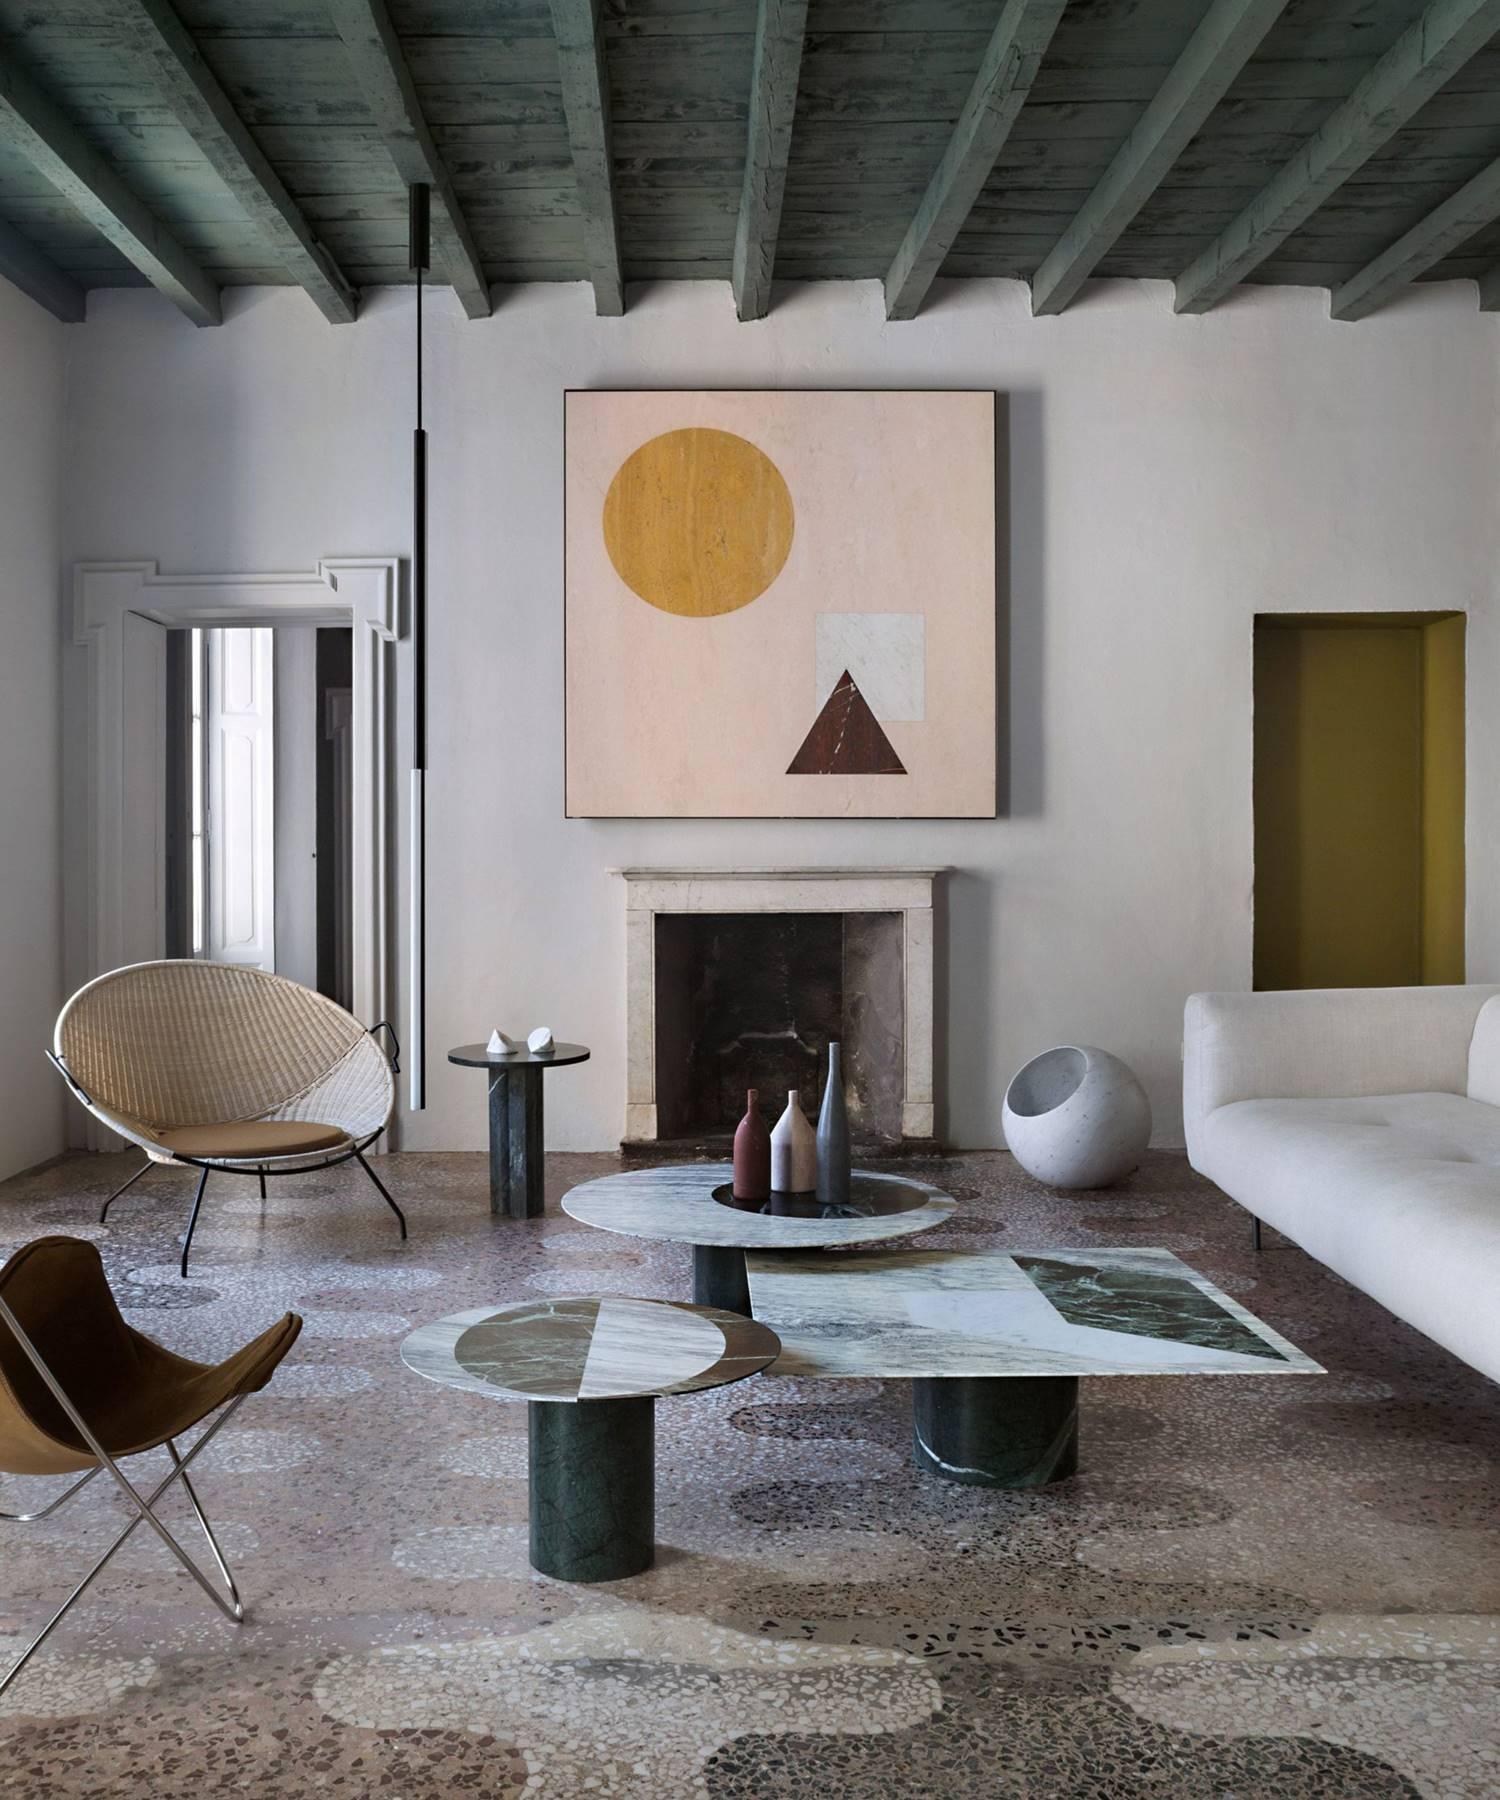 Arriesgada combinación de materiales y colores de la Casa Salvatori, en Milán.